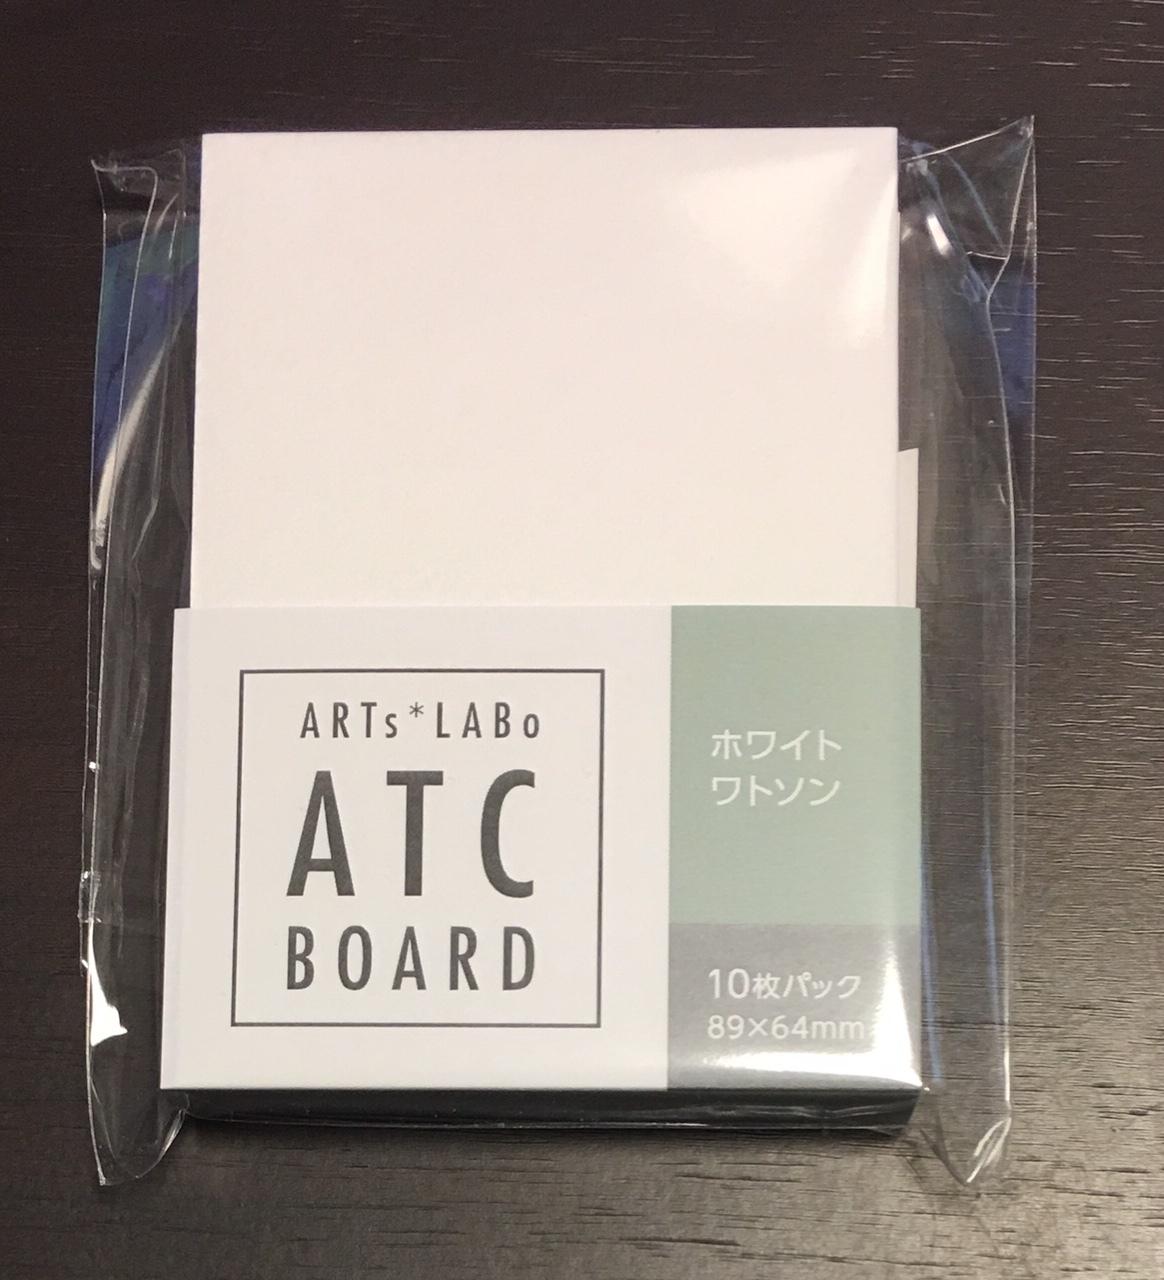 ATCボード|ホワイトワトソン 10枚パック